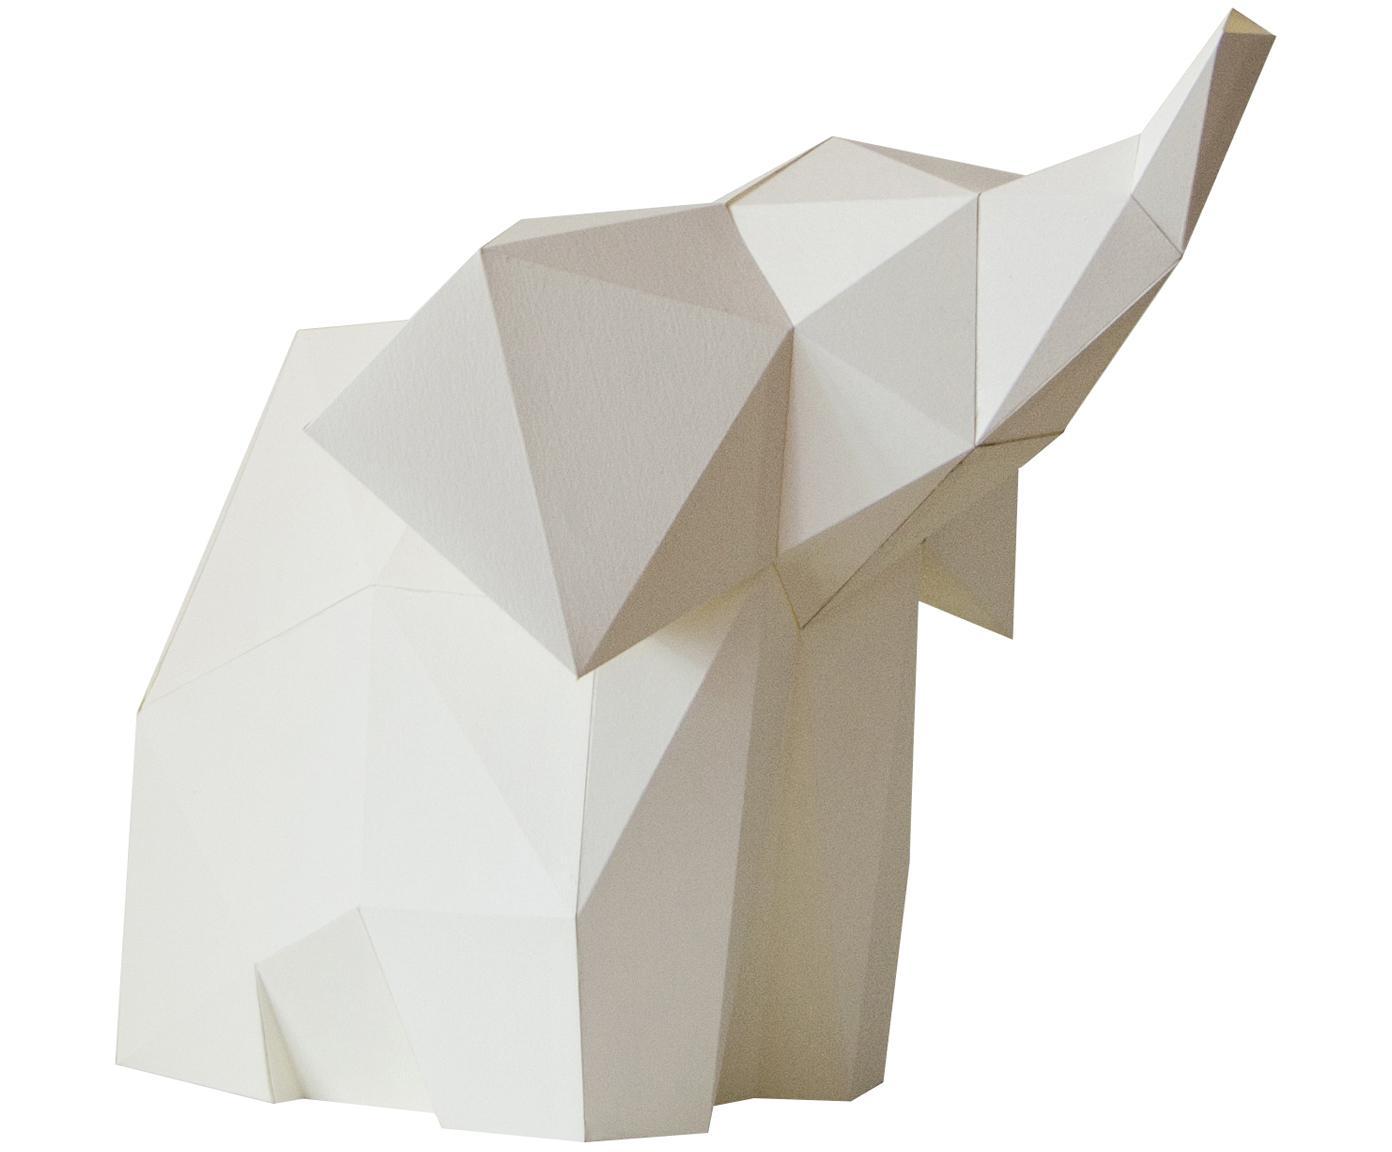 Tischleuchte Baby Elephant, Bausatz aus Papier, Lampenschirm: Papier, 160 g/m², Sockel: Holzfaserplatte und Kunst, Weiß, 23 x 24 cm